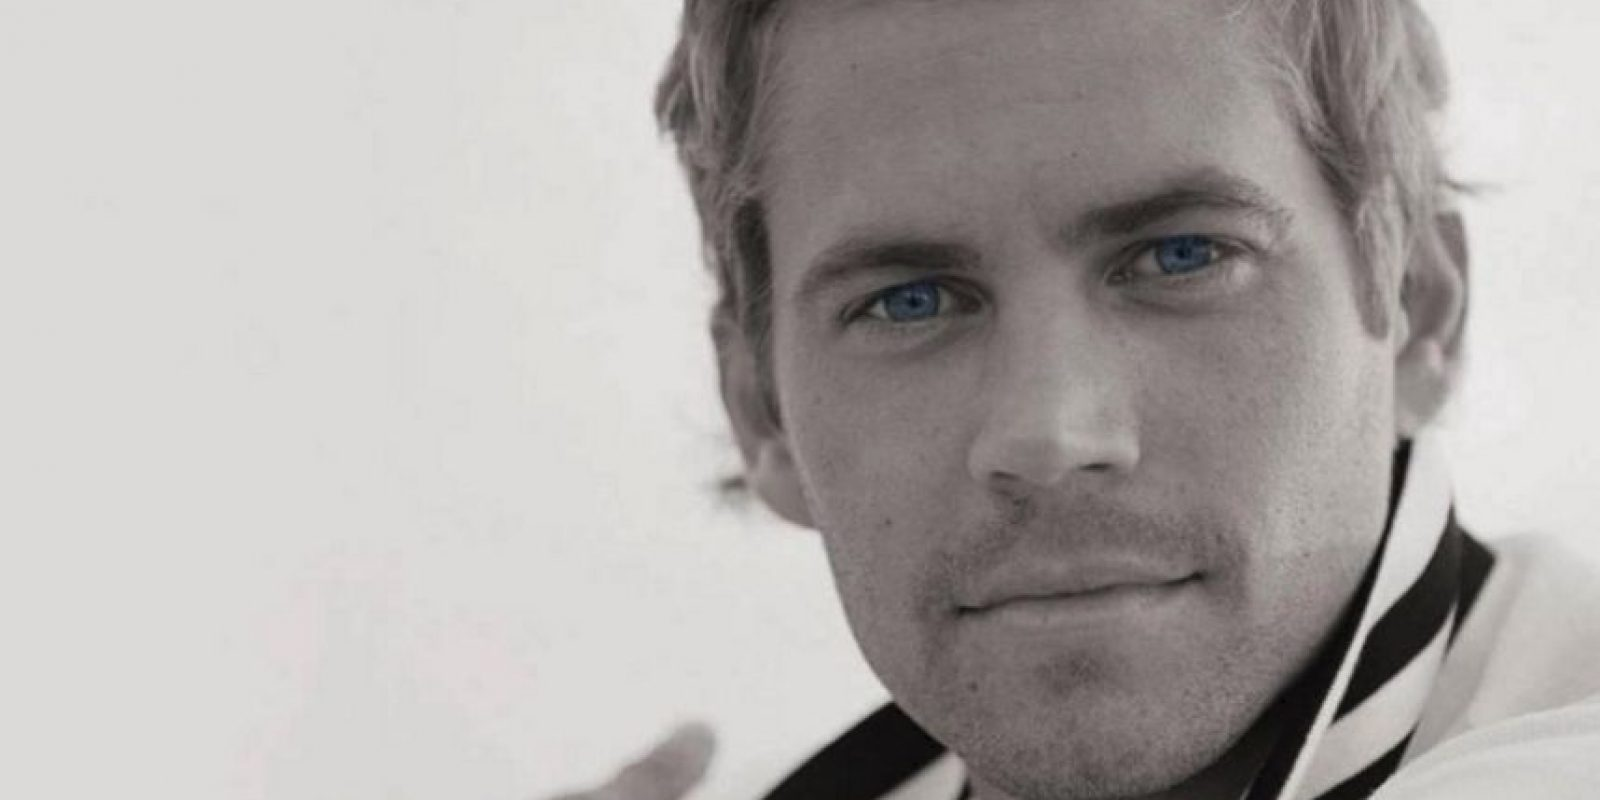 Tras su muerte, tres películas en las que él estaba involucrado, fueron estrenadas. Foto:Vía facebook.com/PaulWalker